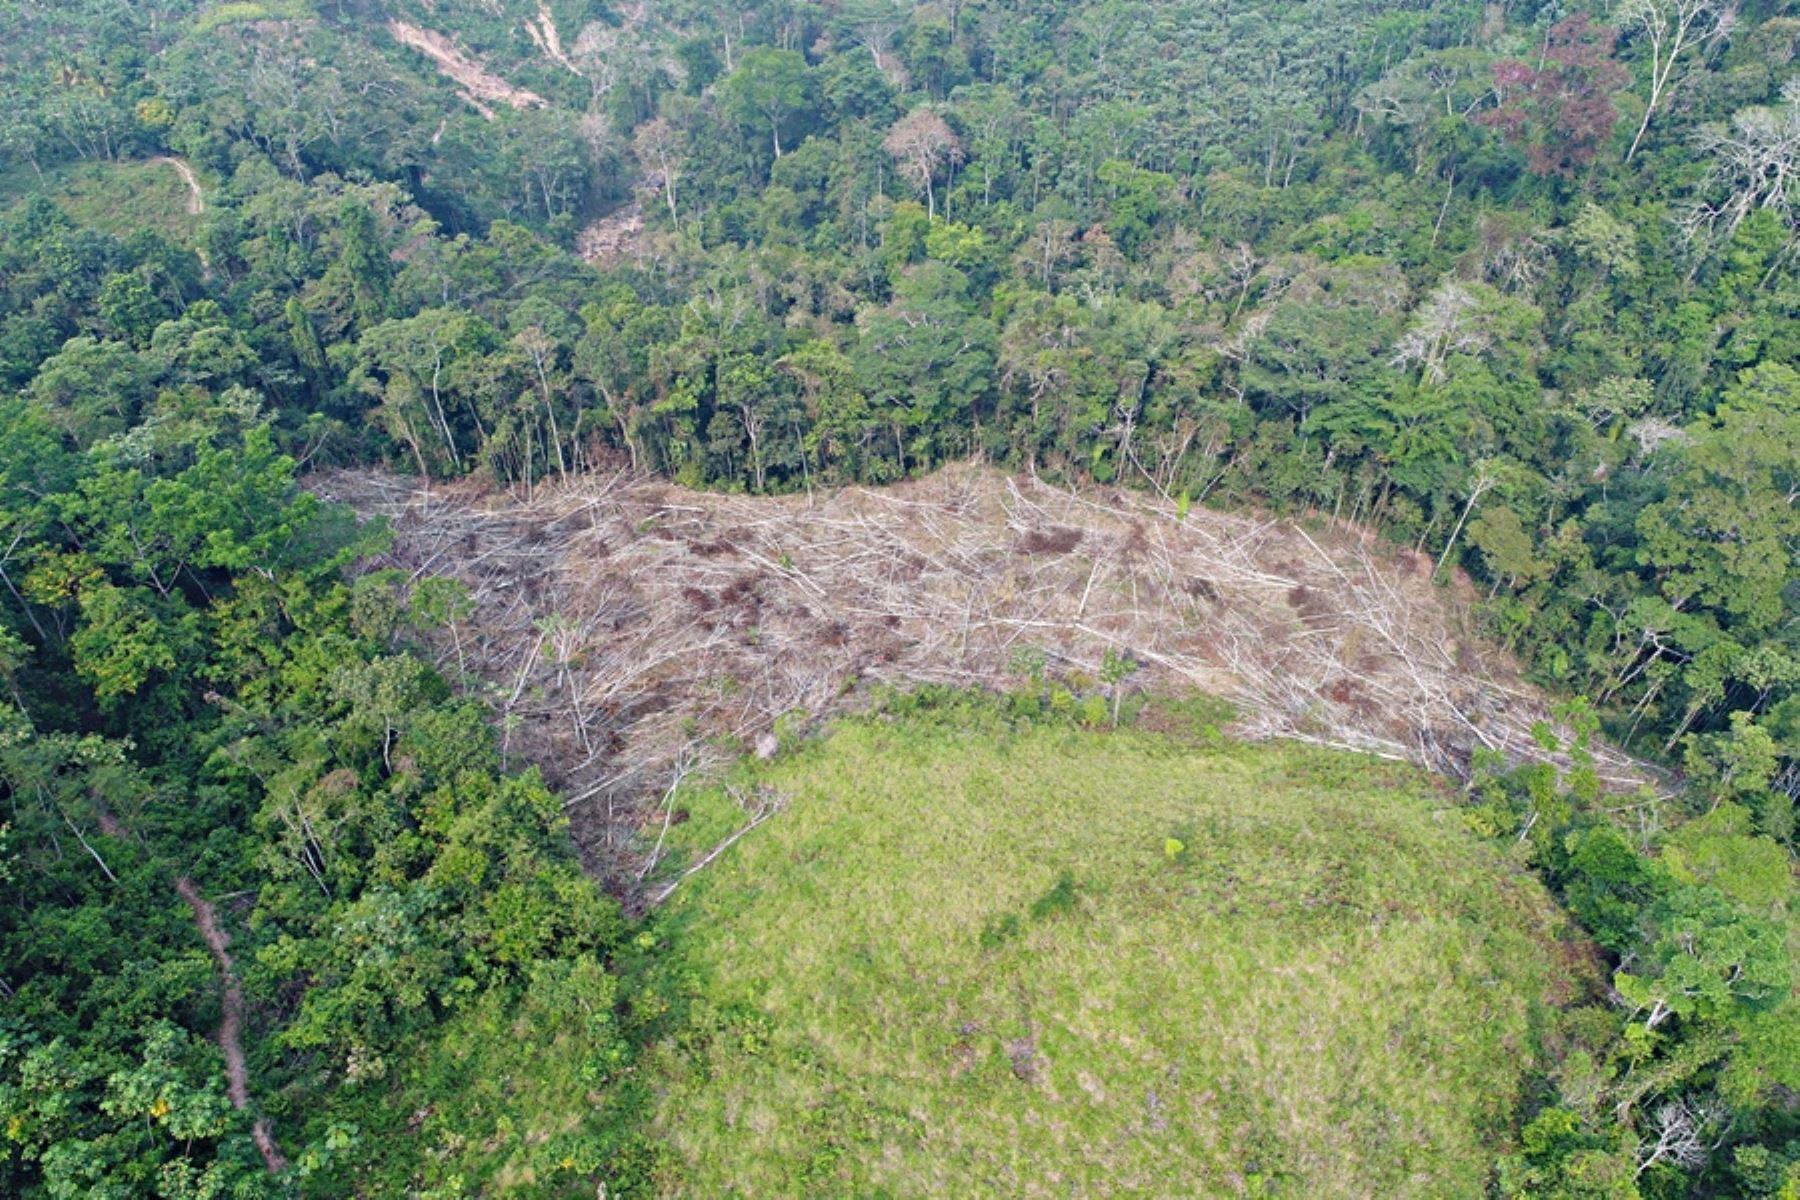 Ministros de agricultura y ambiente de la región analizarán restauración de tierras degradadas